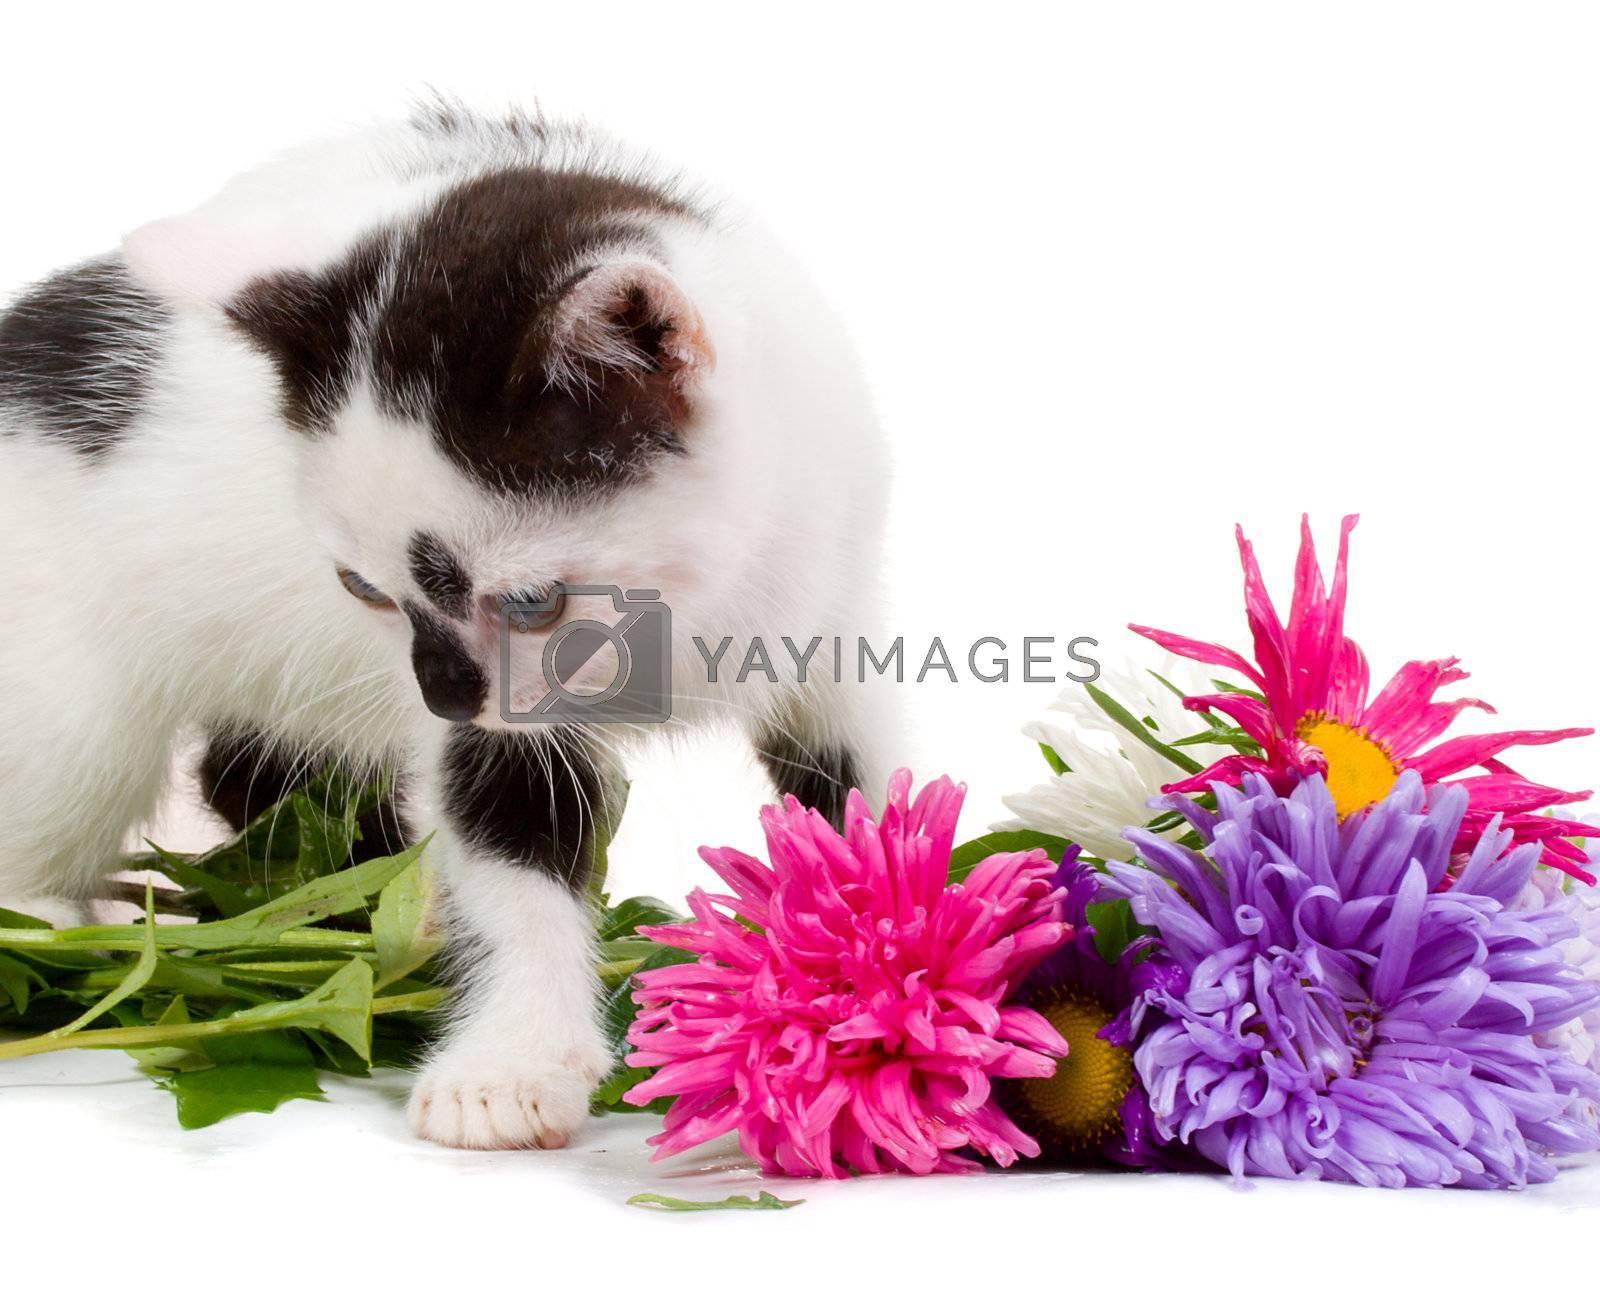 kitten taking aster flowers, isolated on white